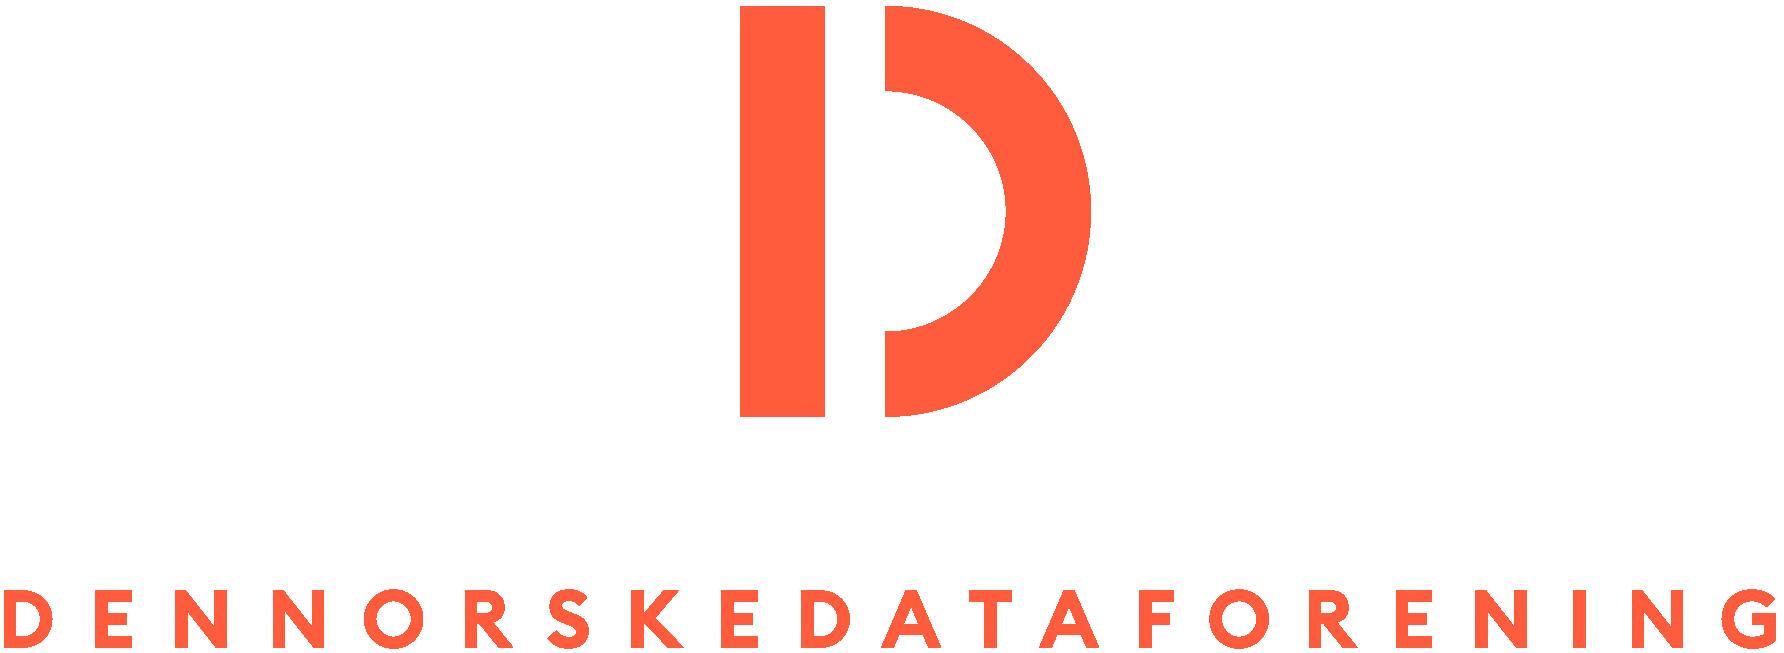 DND_logo_oppsett_red_screen-01 (1).png